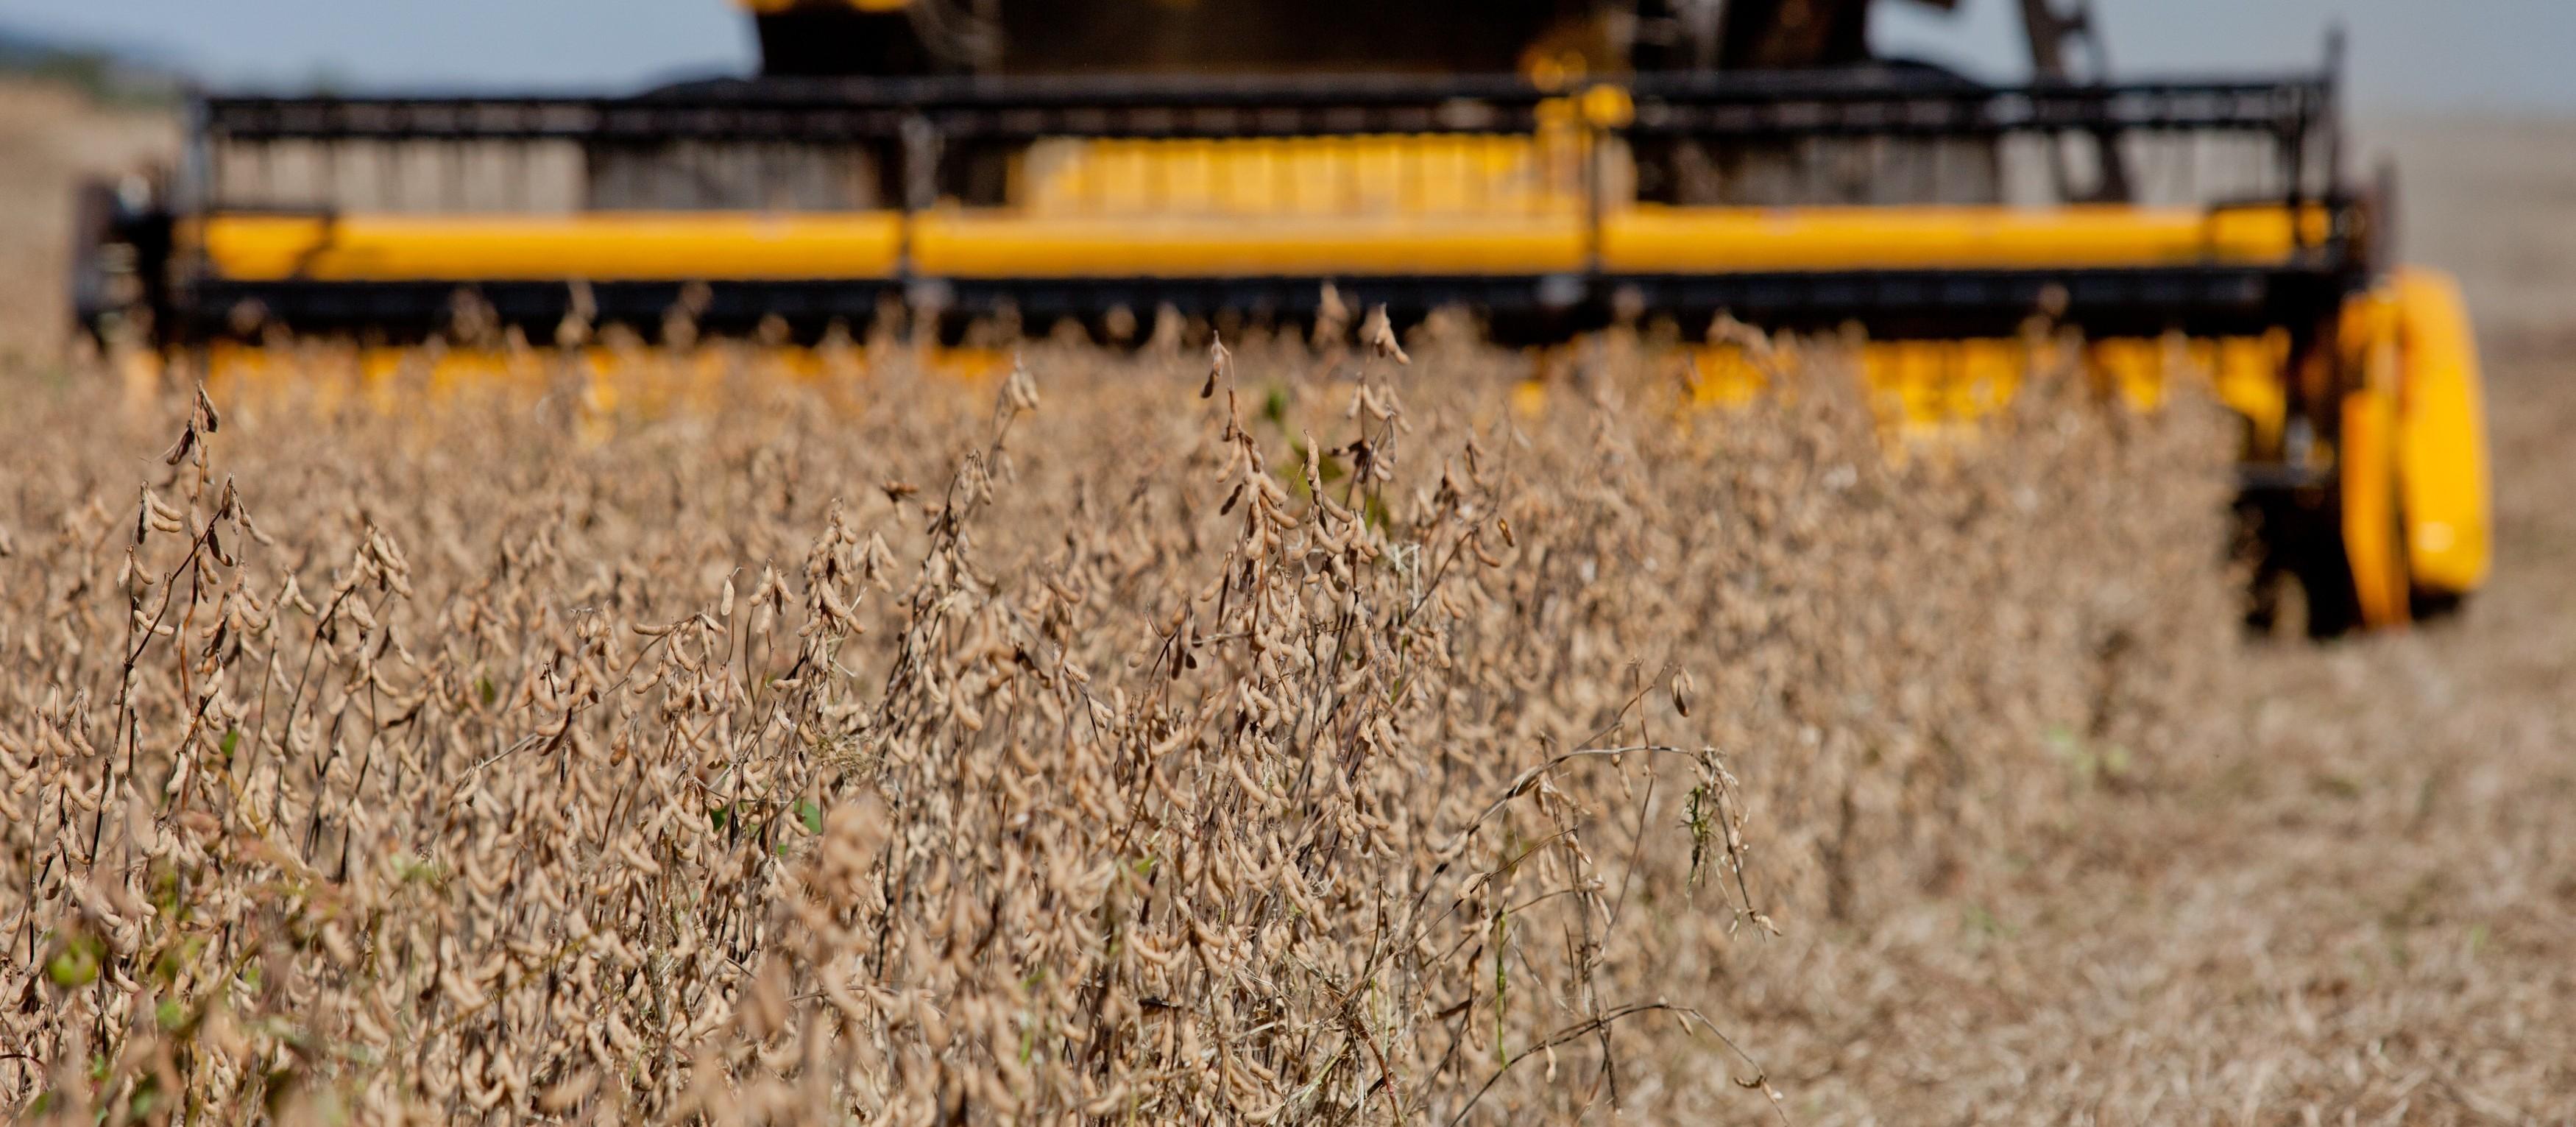 Safra de soja dos EUA em 2019/20 é estimada em 3,6 bilhões de bushels